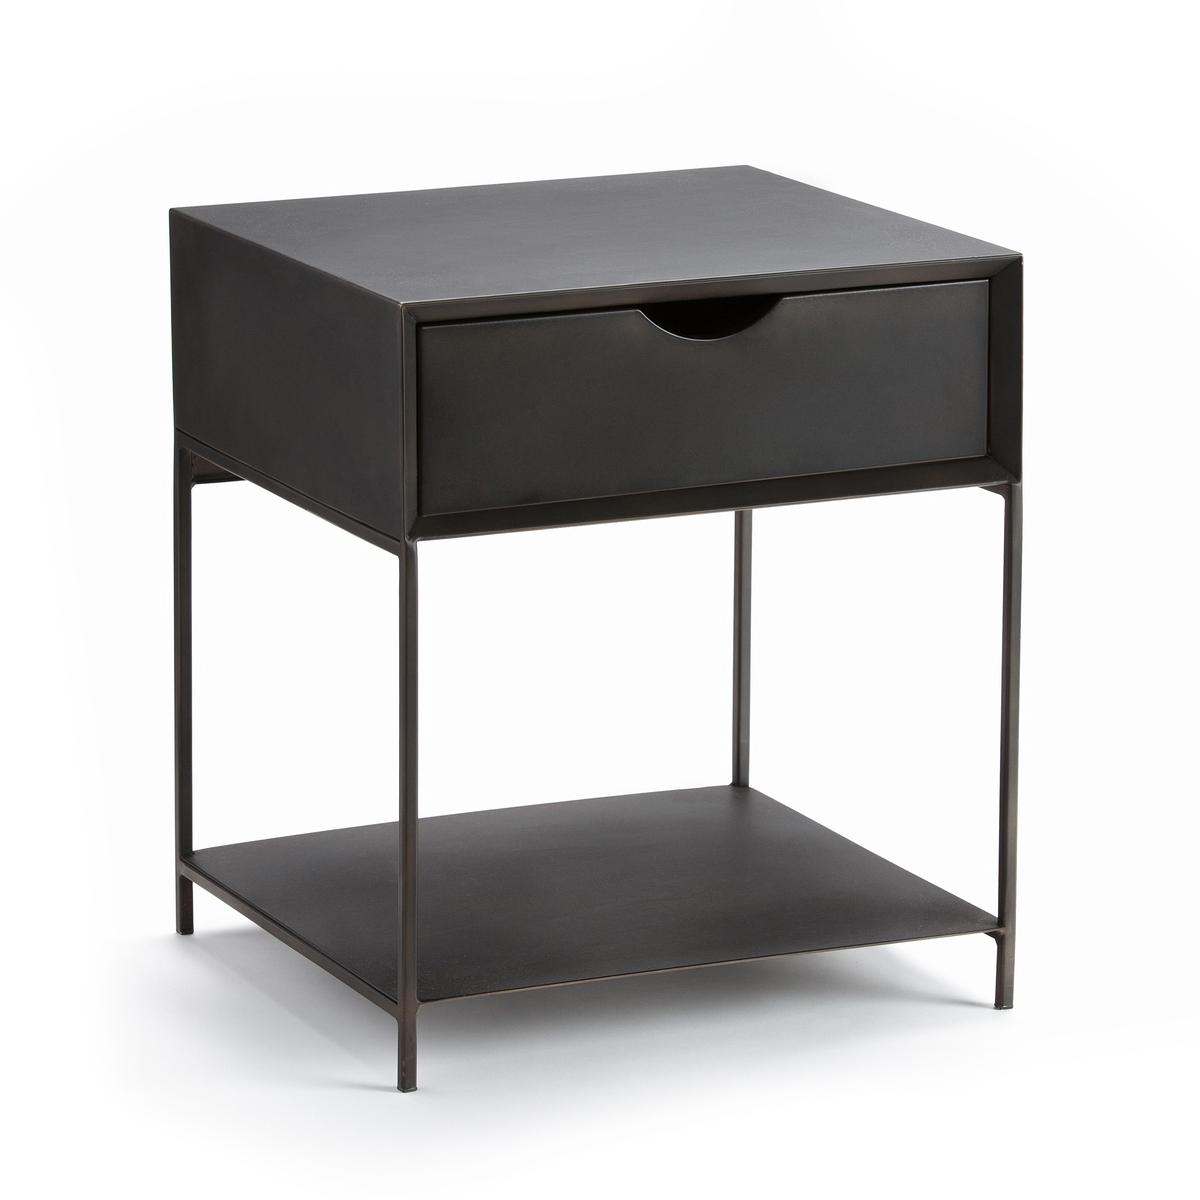 Столик прикроватный из металла, Mambo столик прикроватный в винтажном стиле jimi